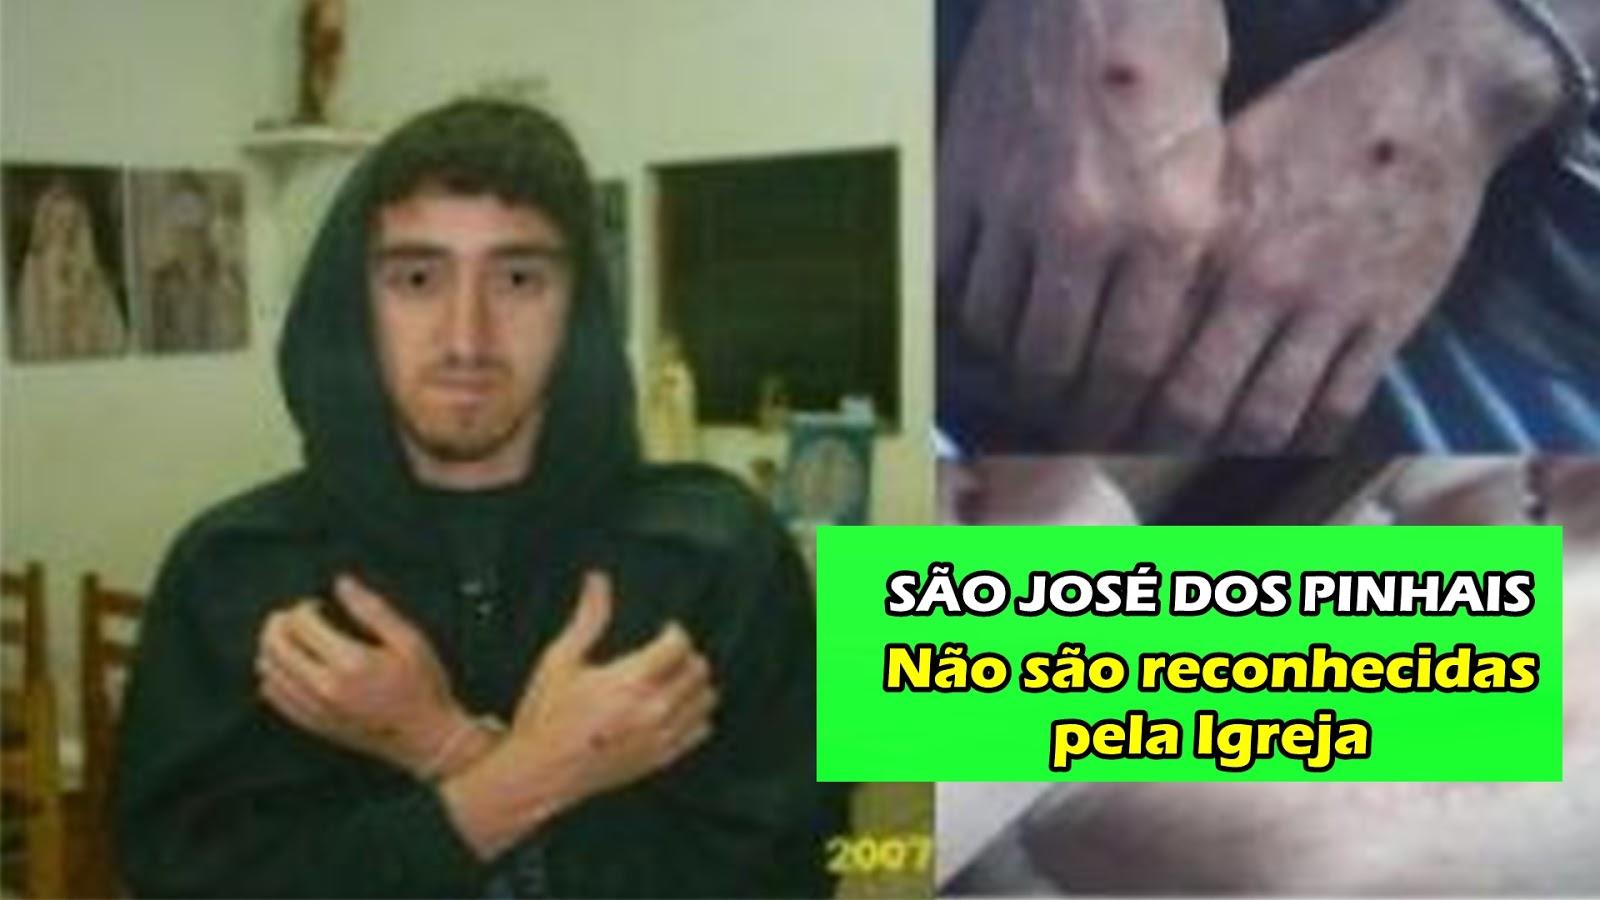 FALSAS APARIÇÕES DE SÃO JOSÉ DOS PINHAIS SÃO REPROVADAS PELO BISPO Dom José Antonio Peruzzo